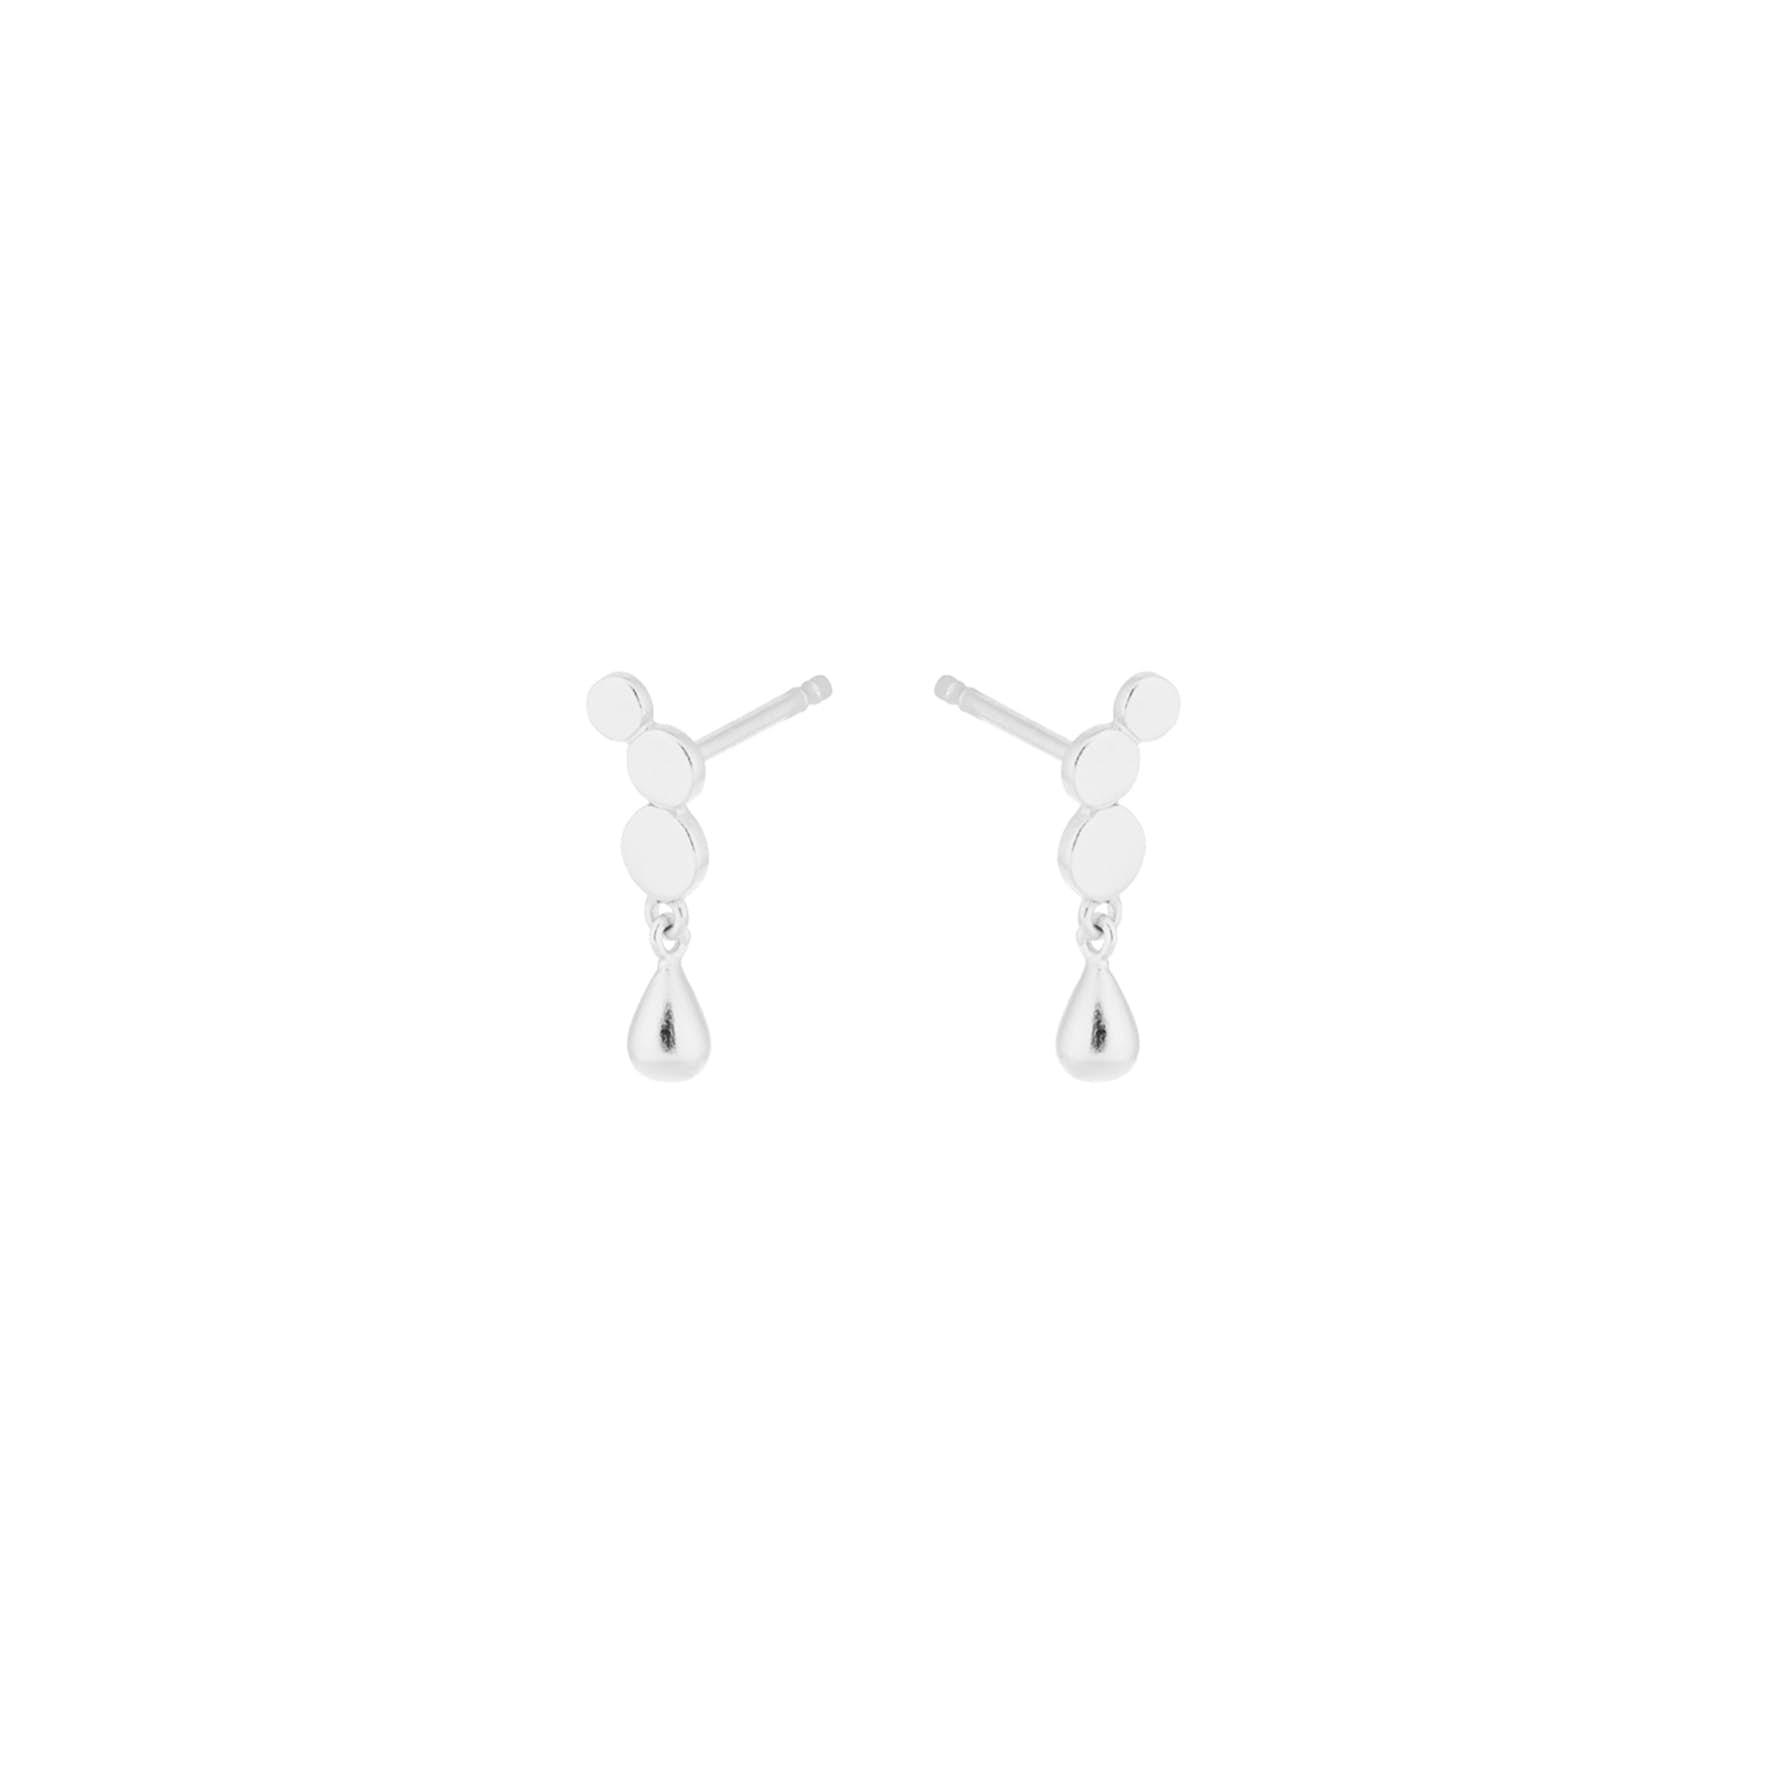 Catana Waterdrop Earrings fra Pernille Corydon i Sølv Sterling 925